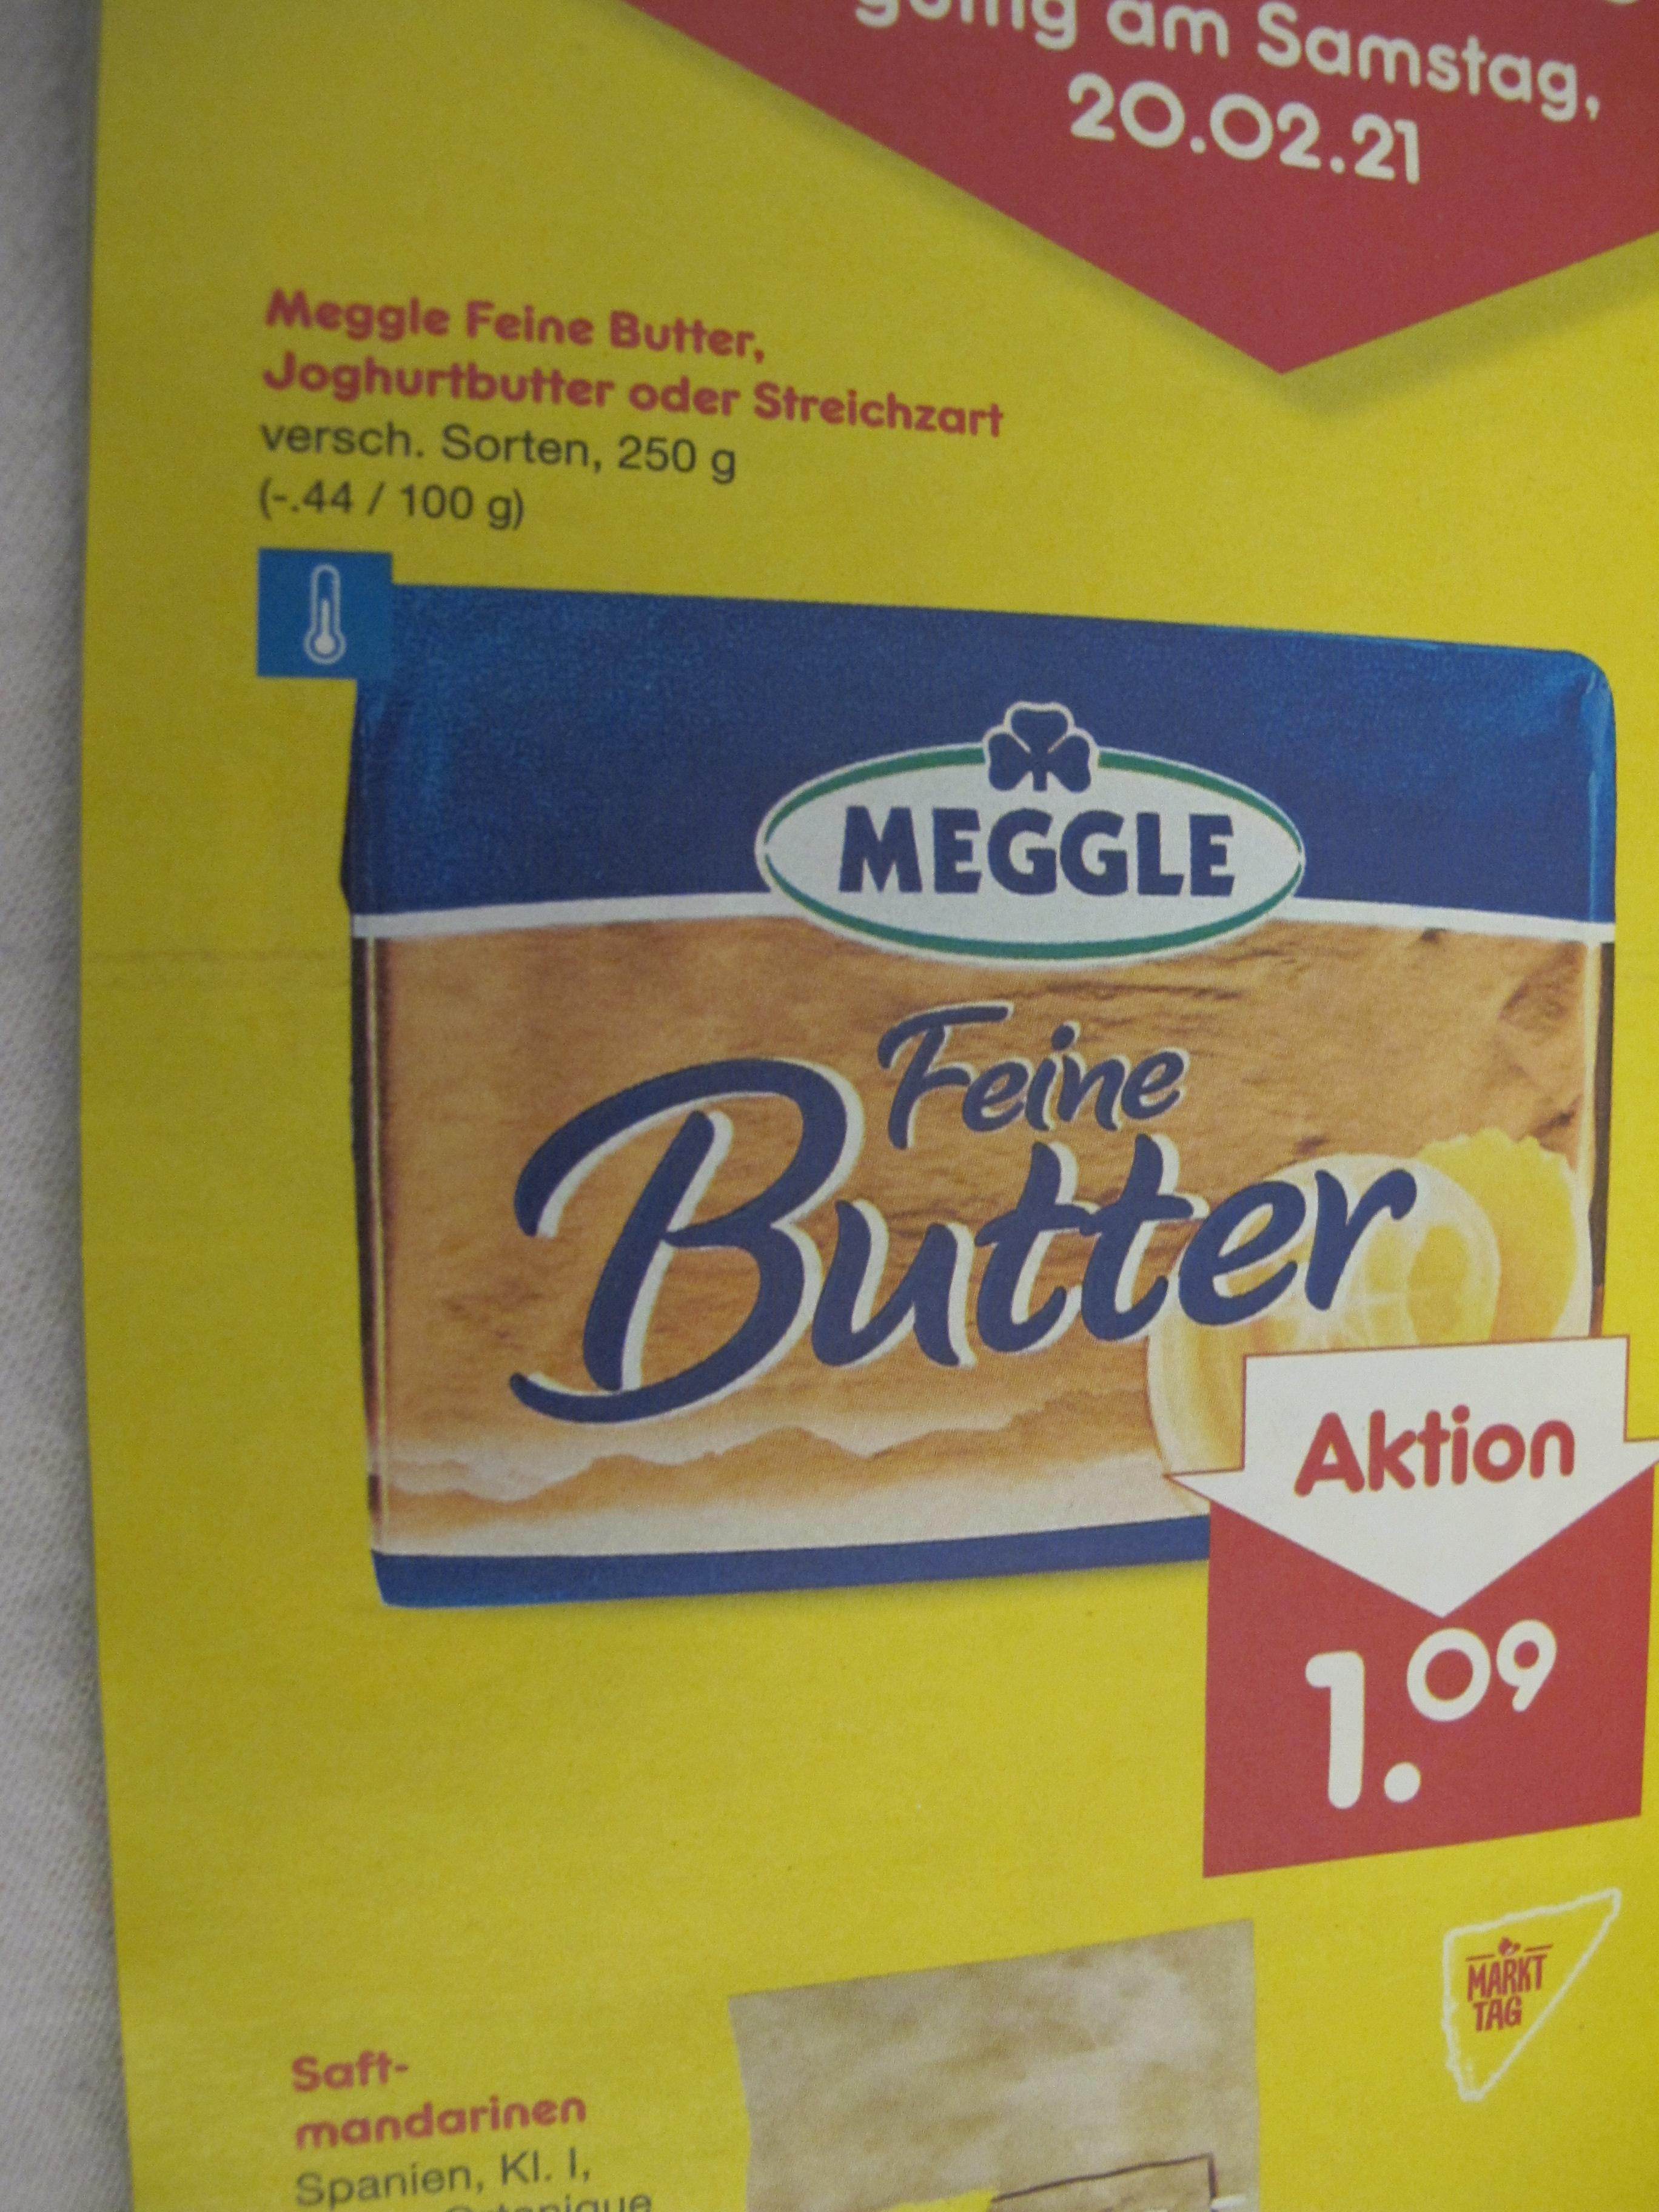 Netto - Meggle Butter für günstige 1,09 Euro